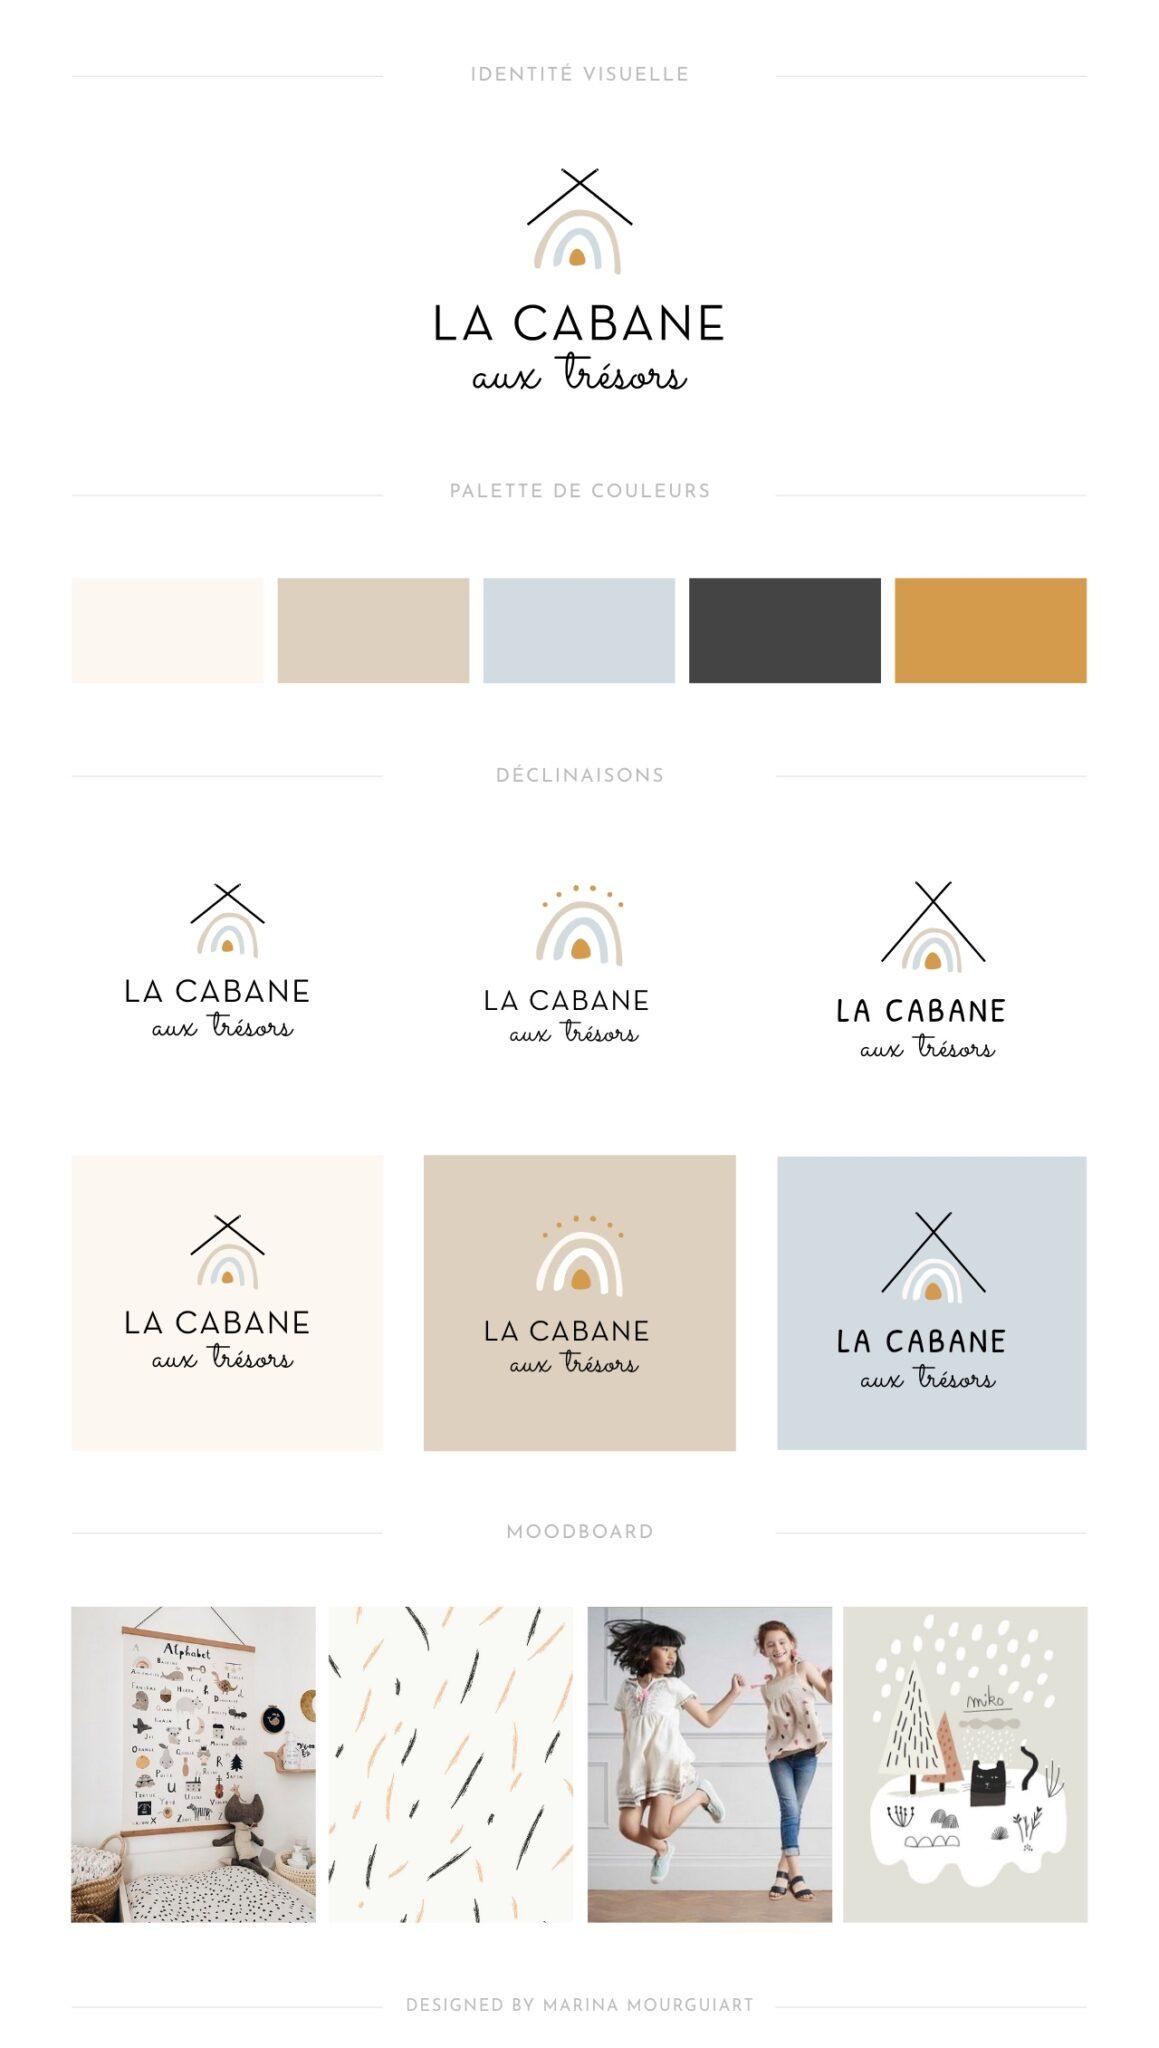 Brand Board - identité visuelle - création de logo mode enfant - La Cabane aux trésors